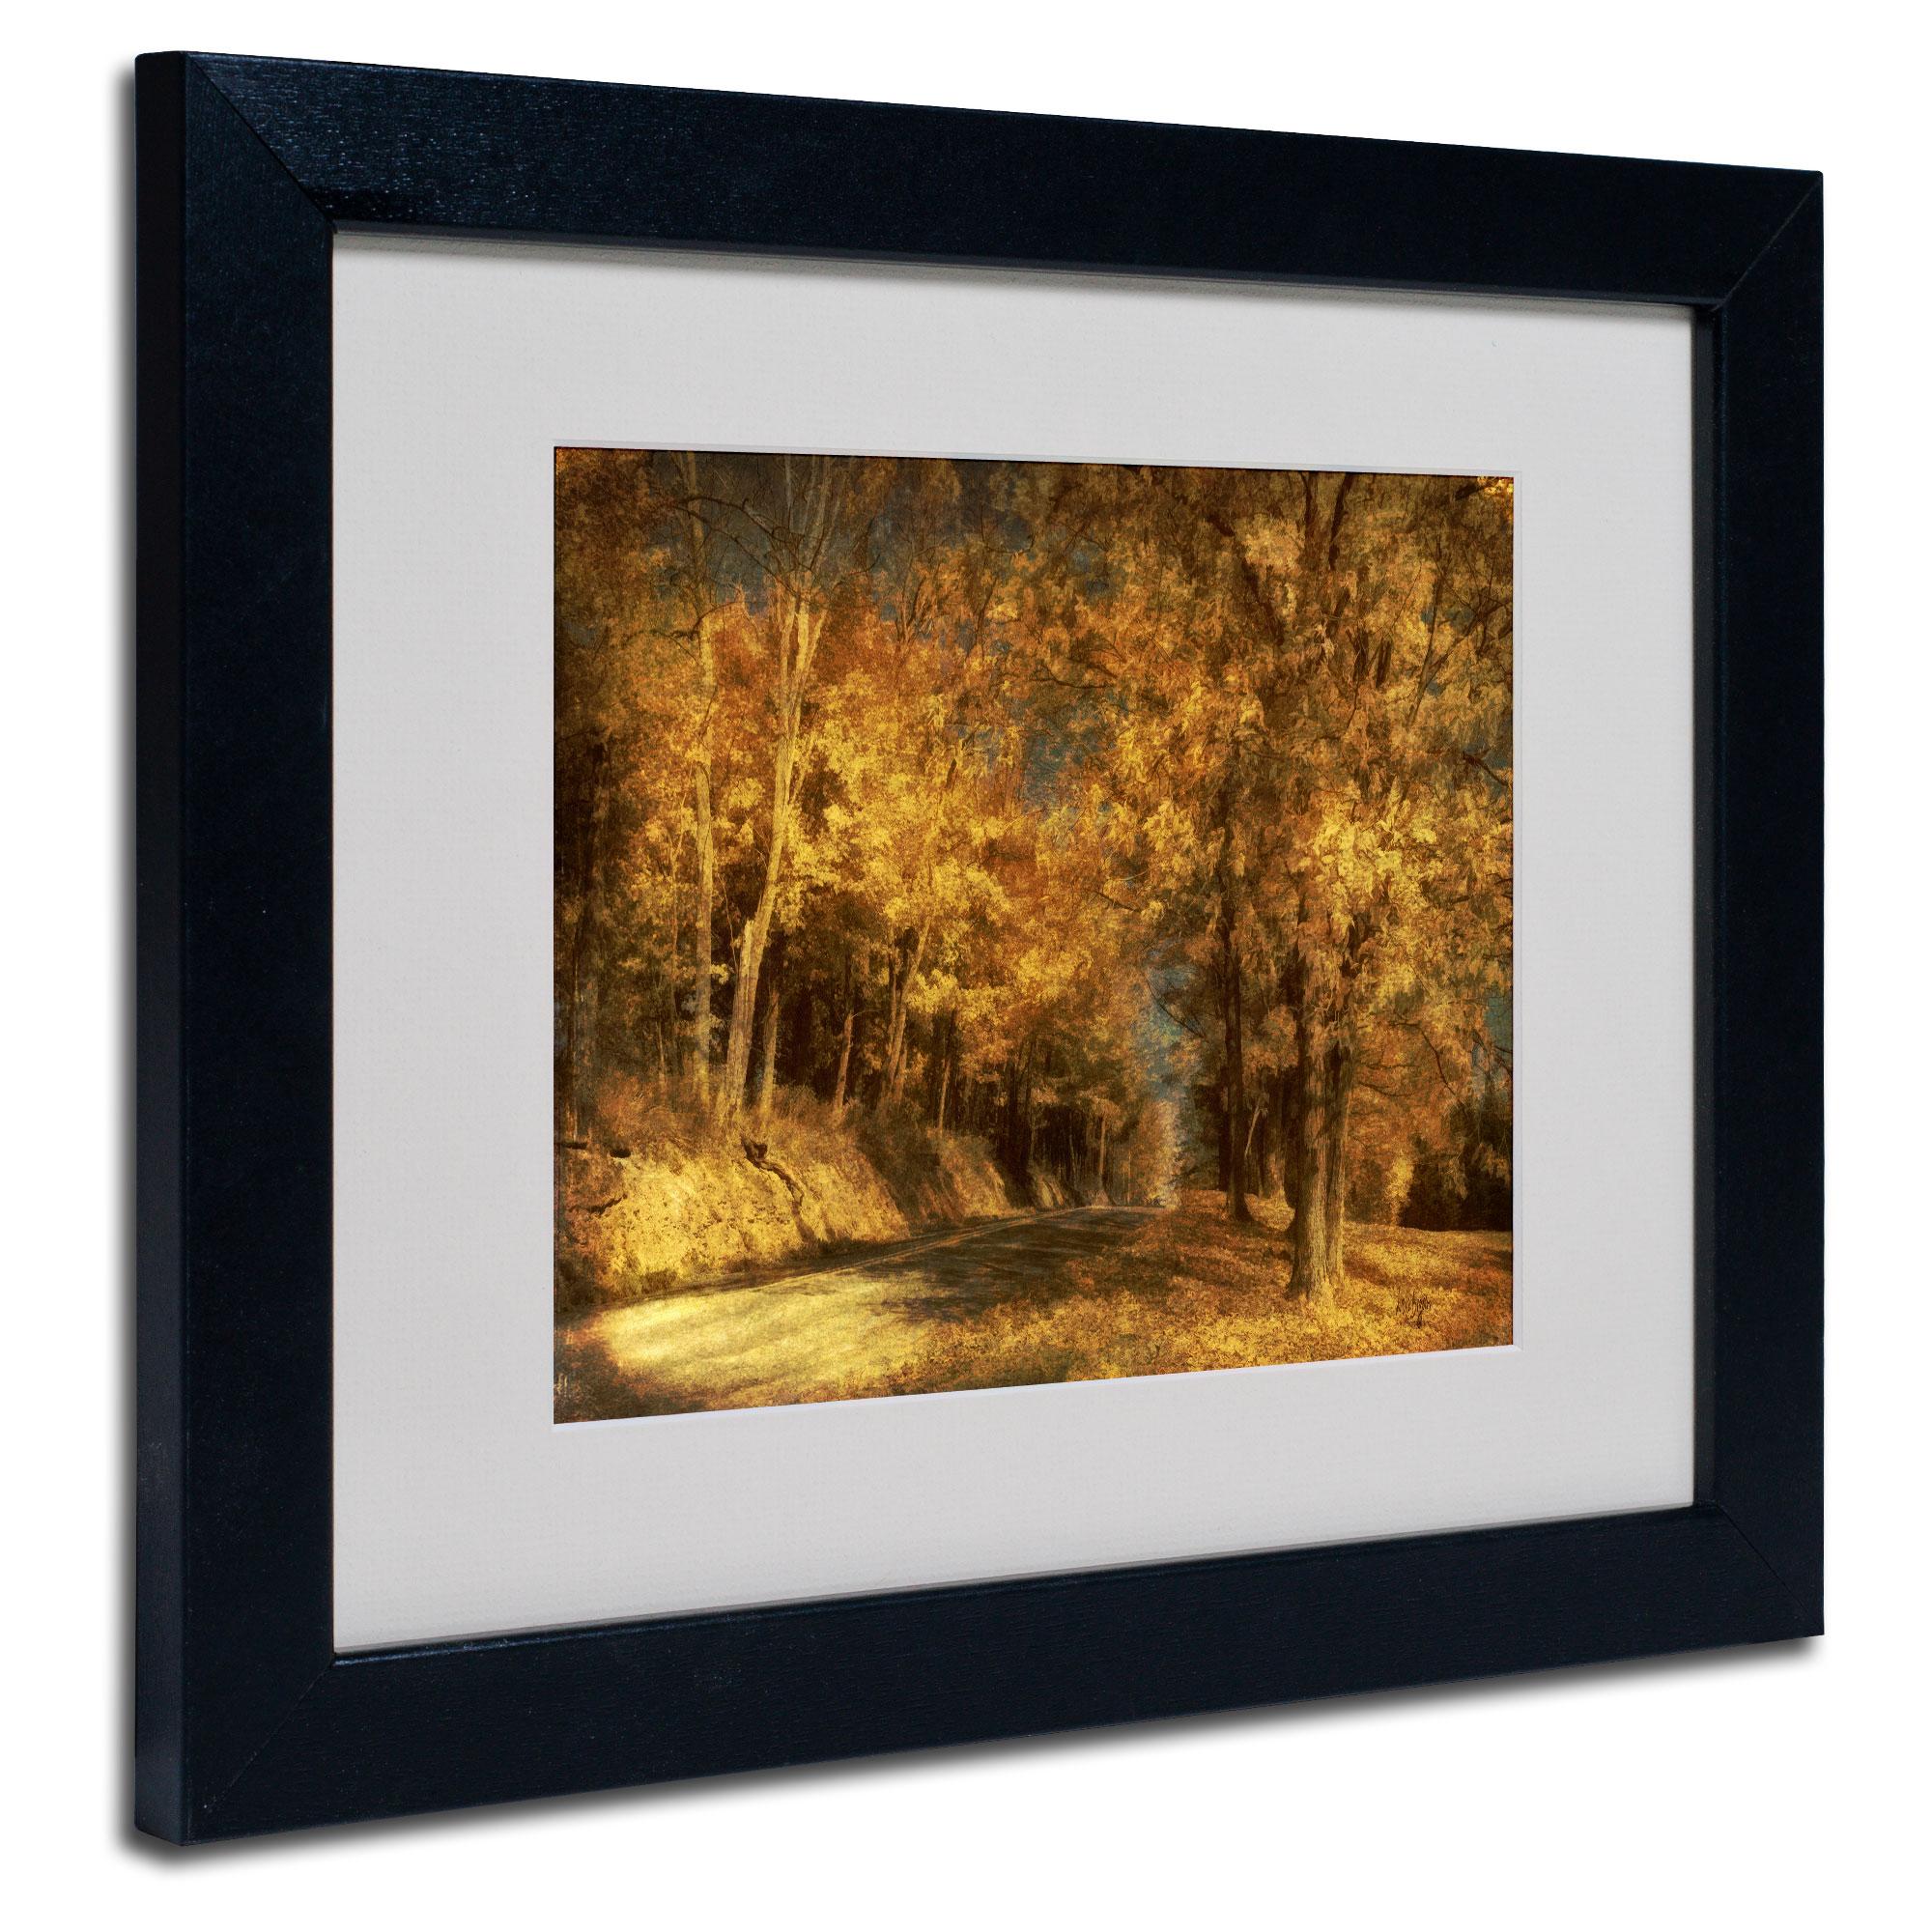 Trademark Global Lois Bryan 'Back Roads' Matted Framed Art PartNumber: 024VA68918212P MfgPartNumber: LBr0210-B1114MF